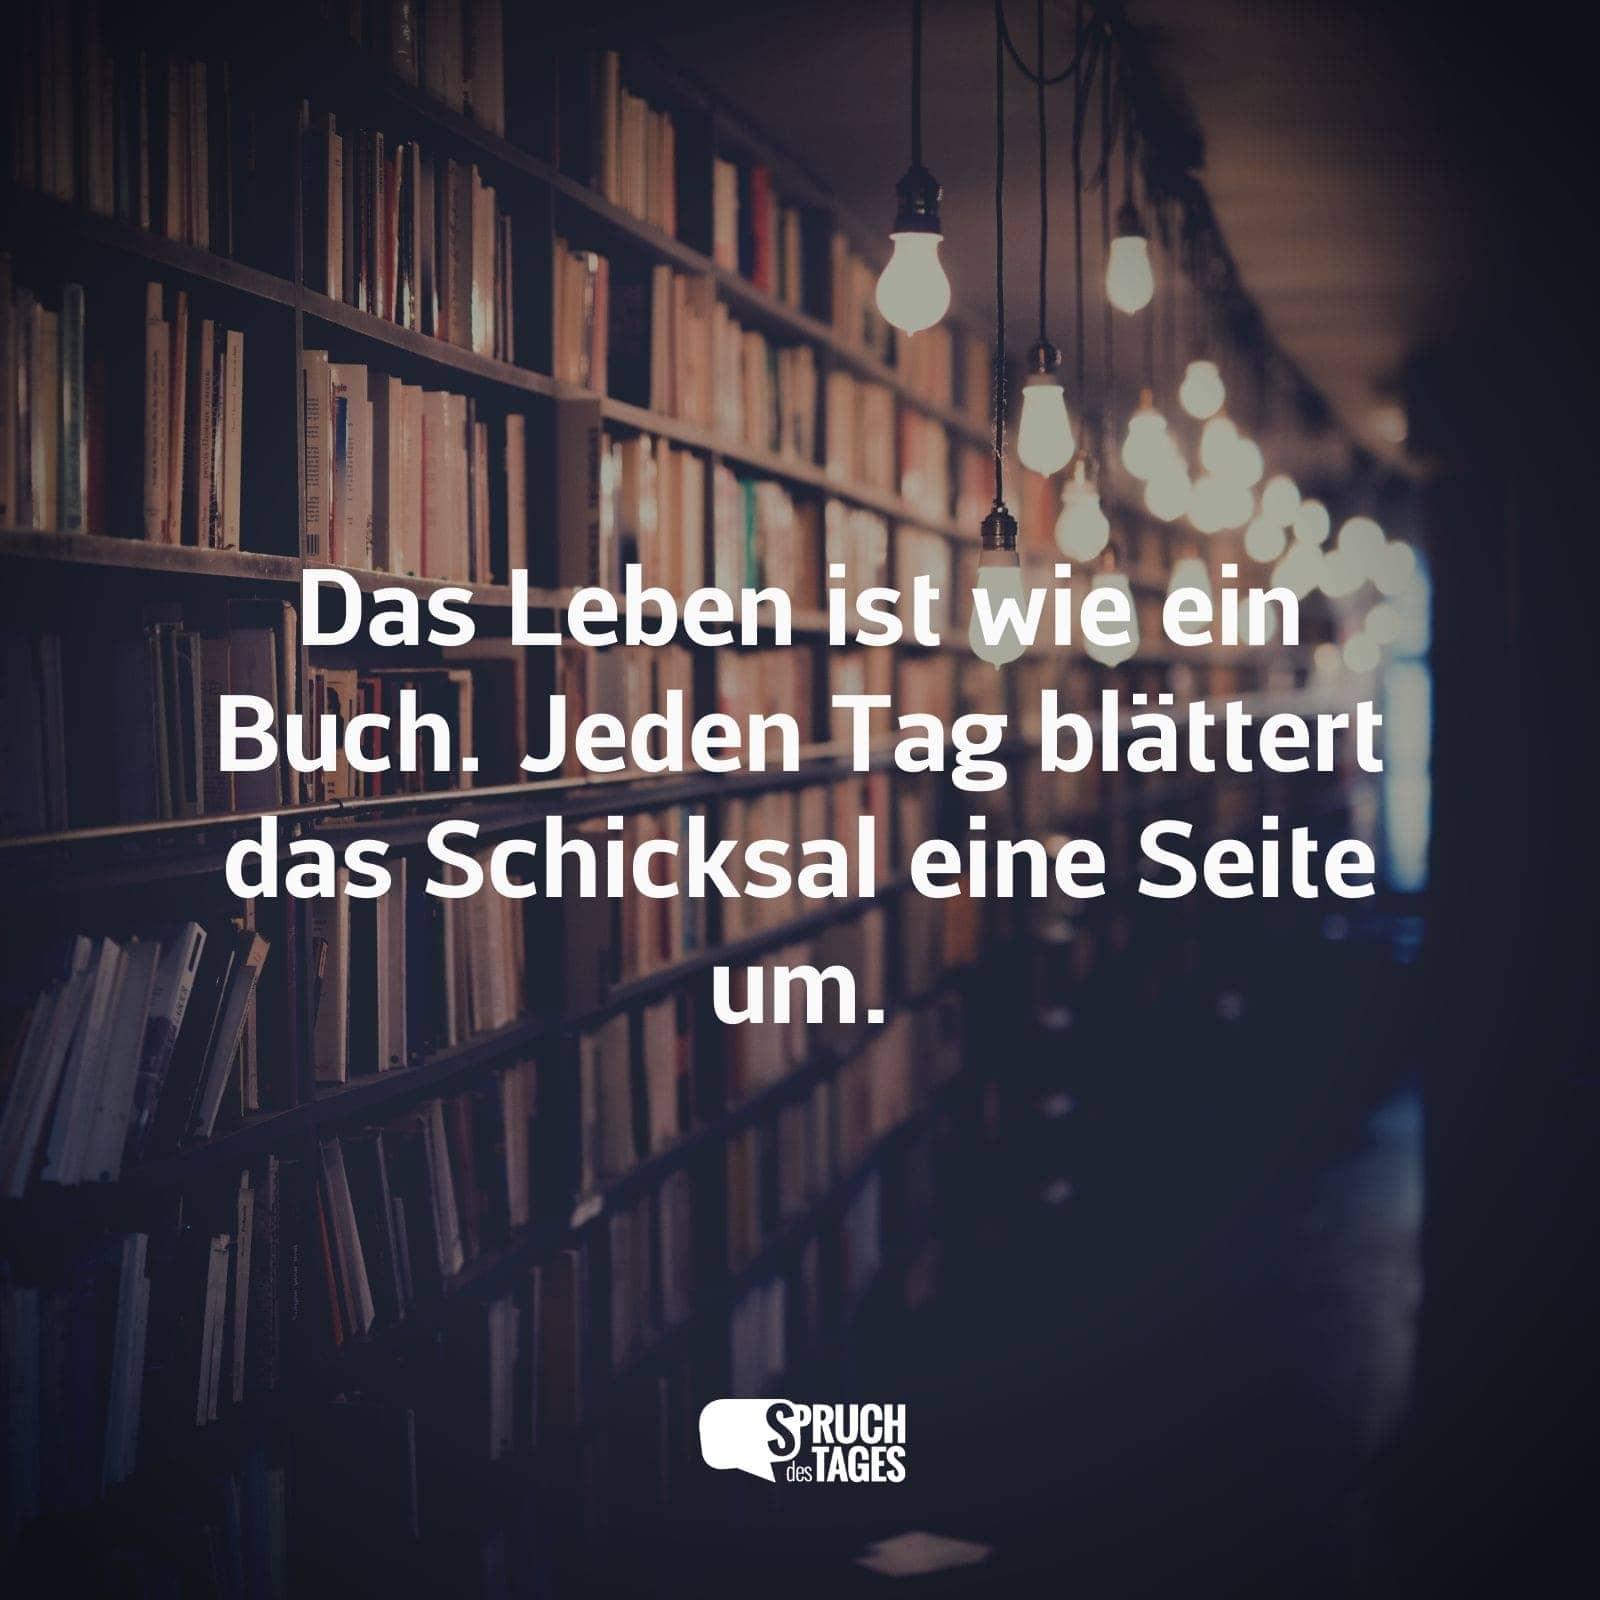 Superieur Das Leben Ist Wie Ein Buch. Jeden Tag Blättert Das Schicksal Eine Seite Um.